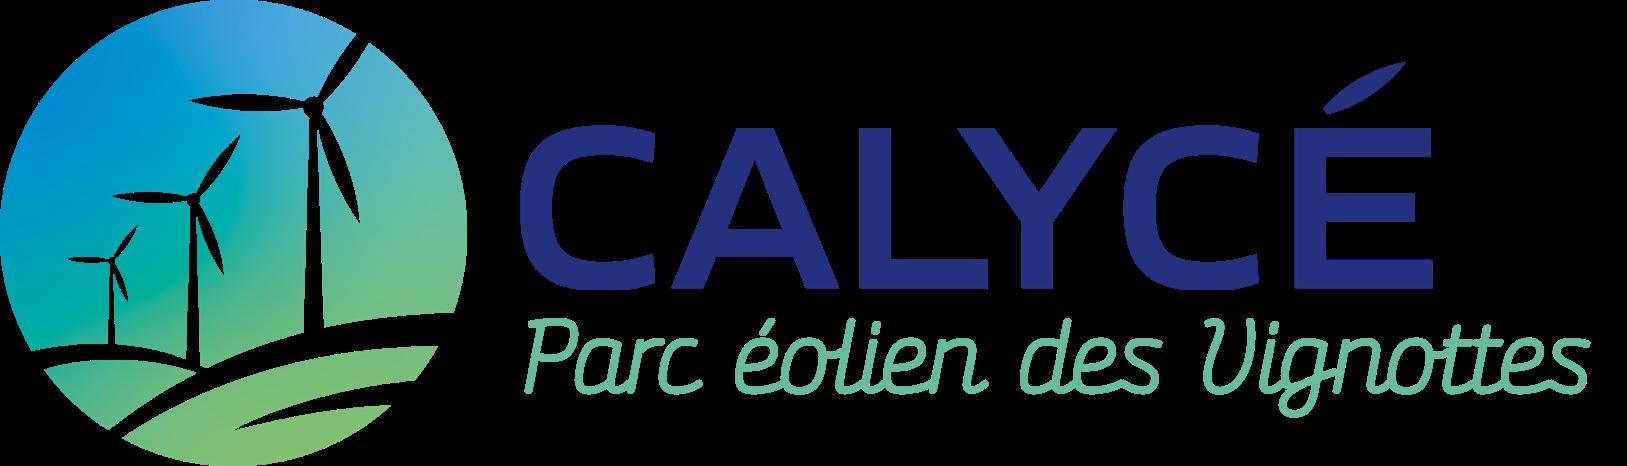 PARC ÉOLIEN DES VIGNOTTES Logo